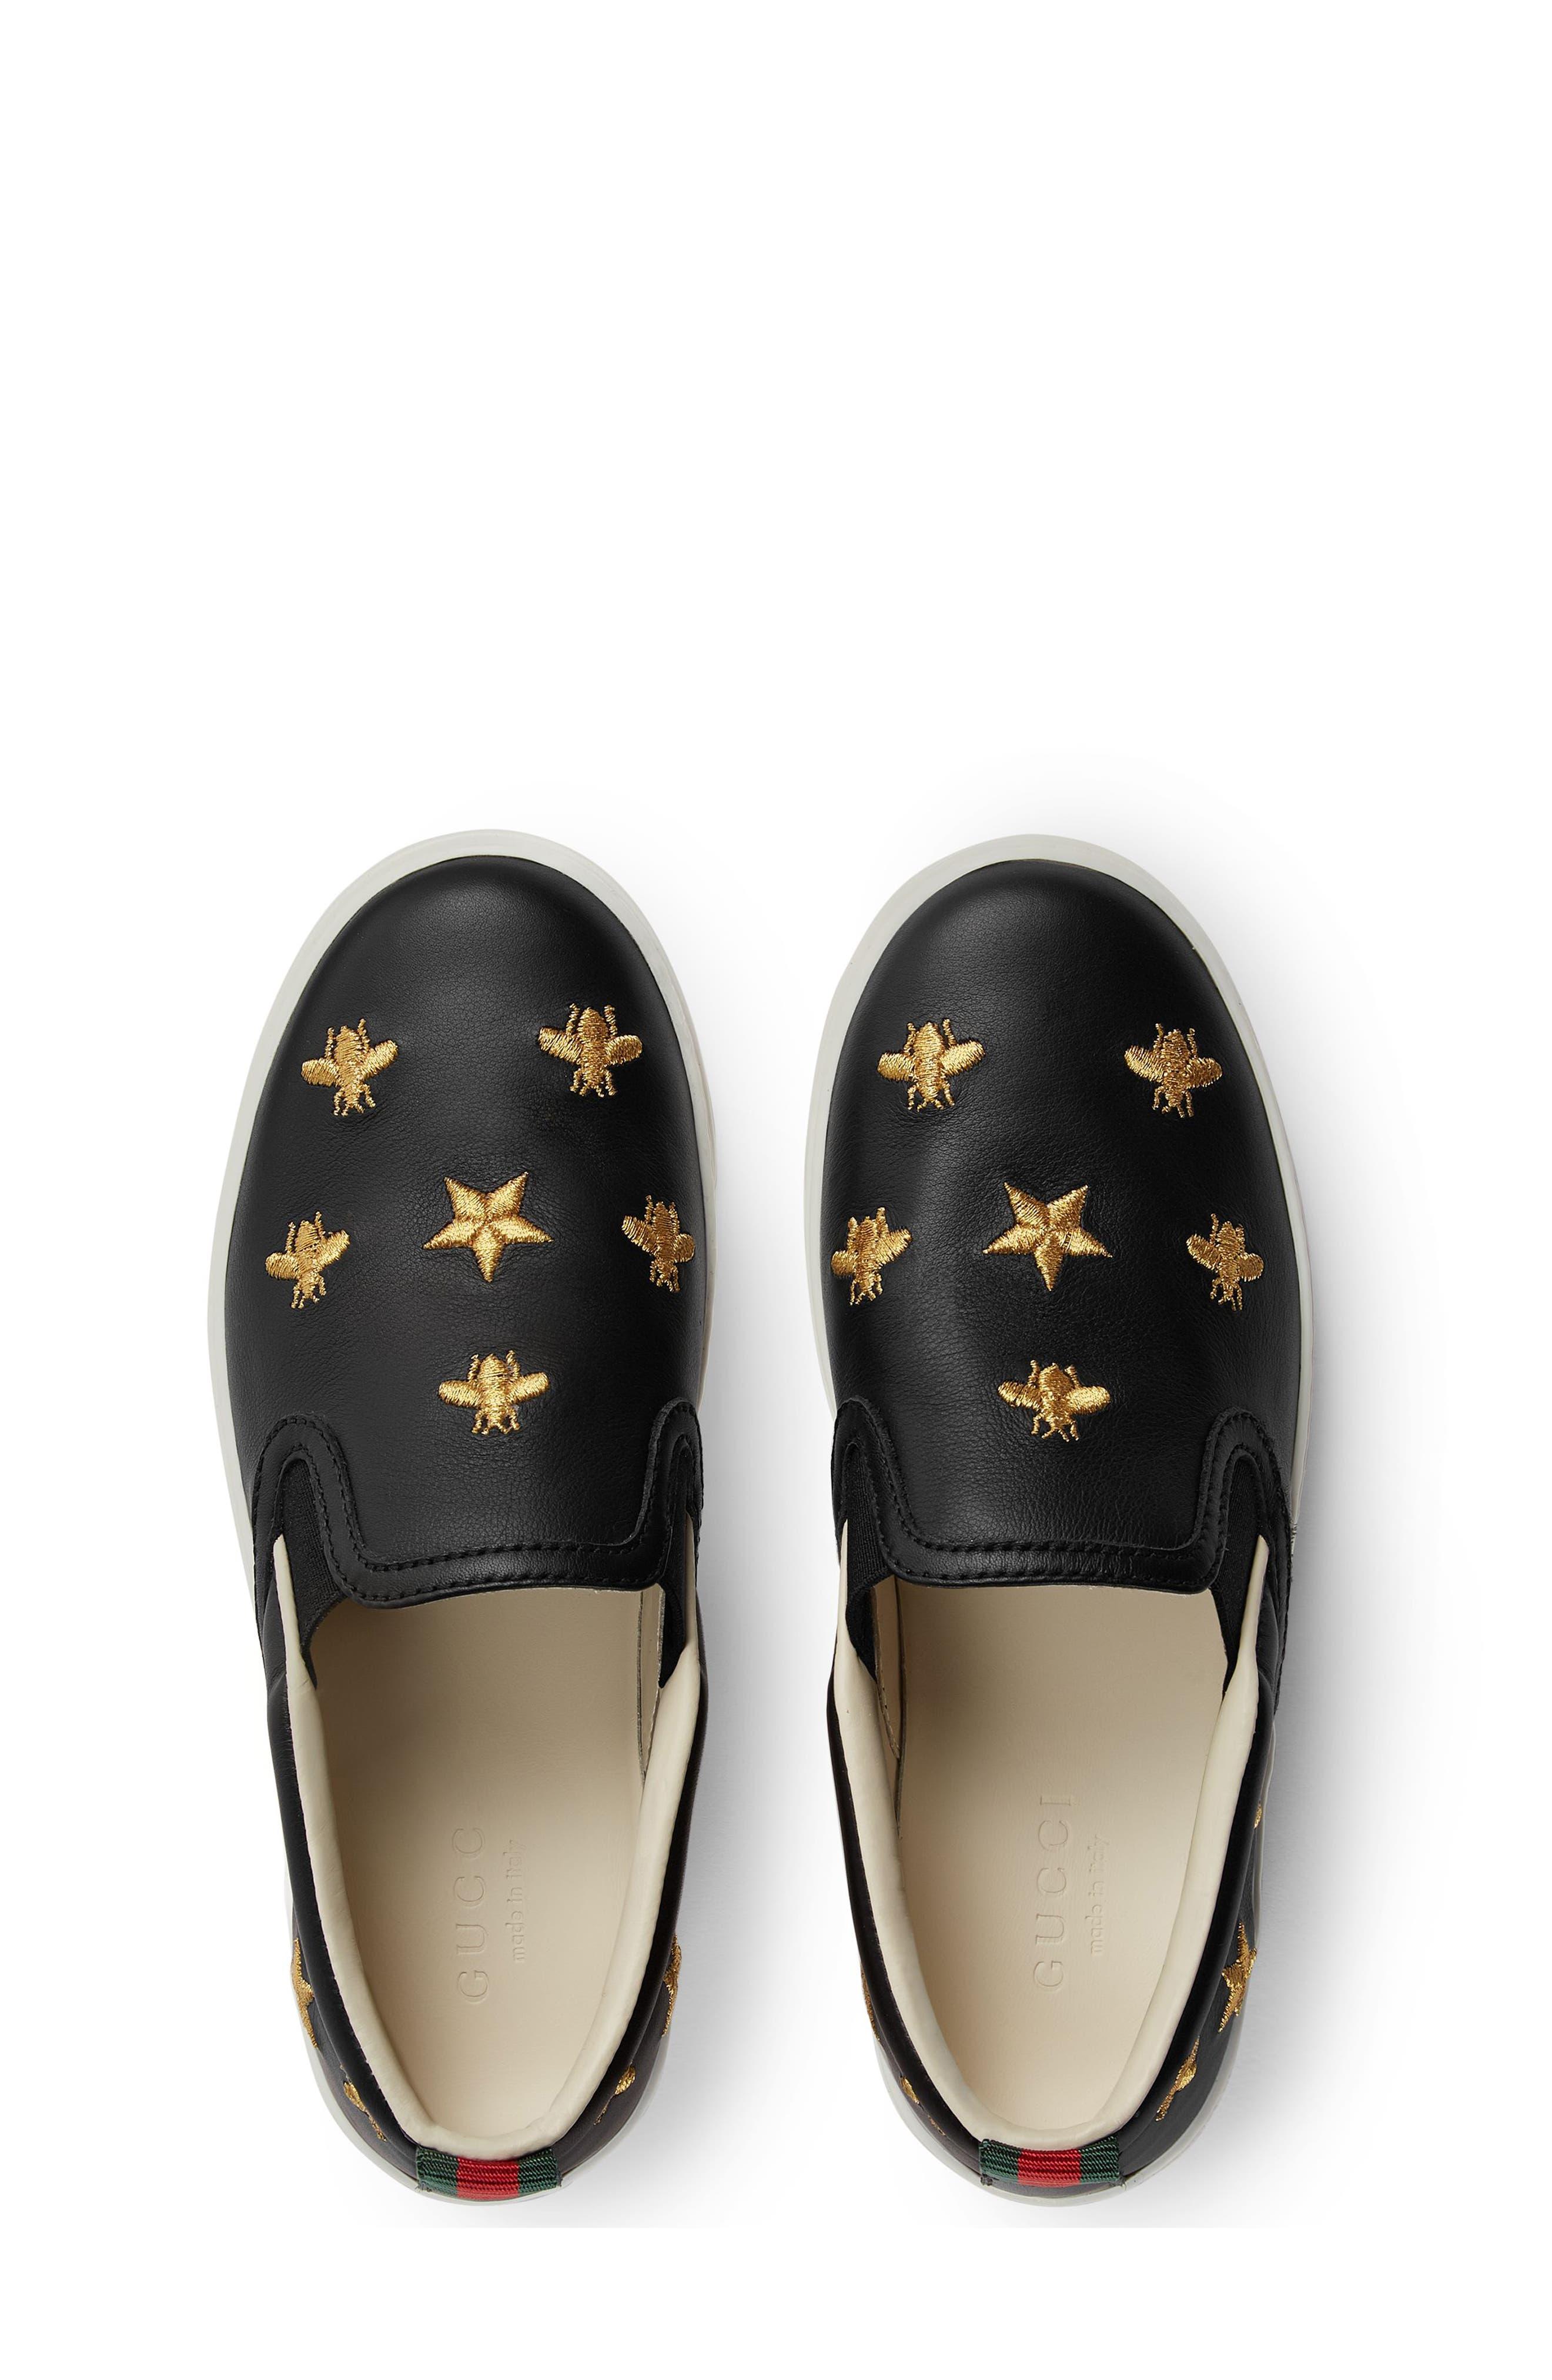 Dublin Bees and Stars Slip-On Sneaker,                             Alternate thumbnail 4, color,                             Black/Gold Stars